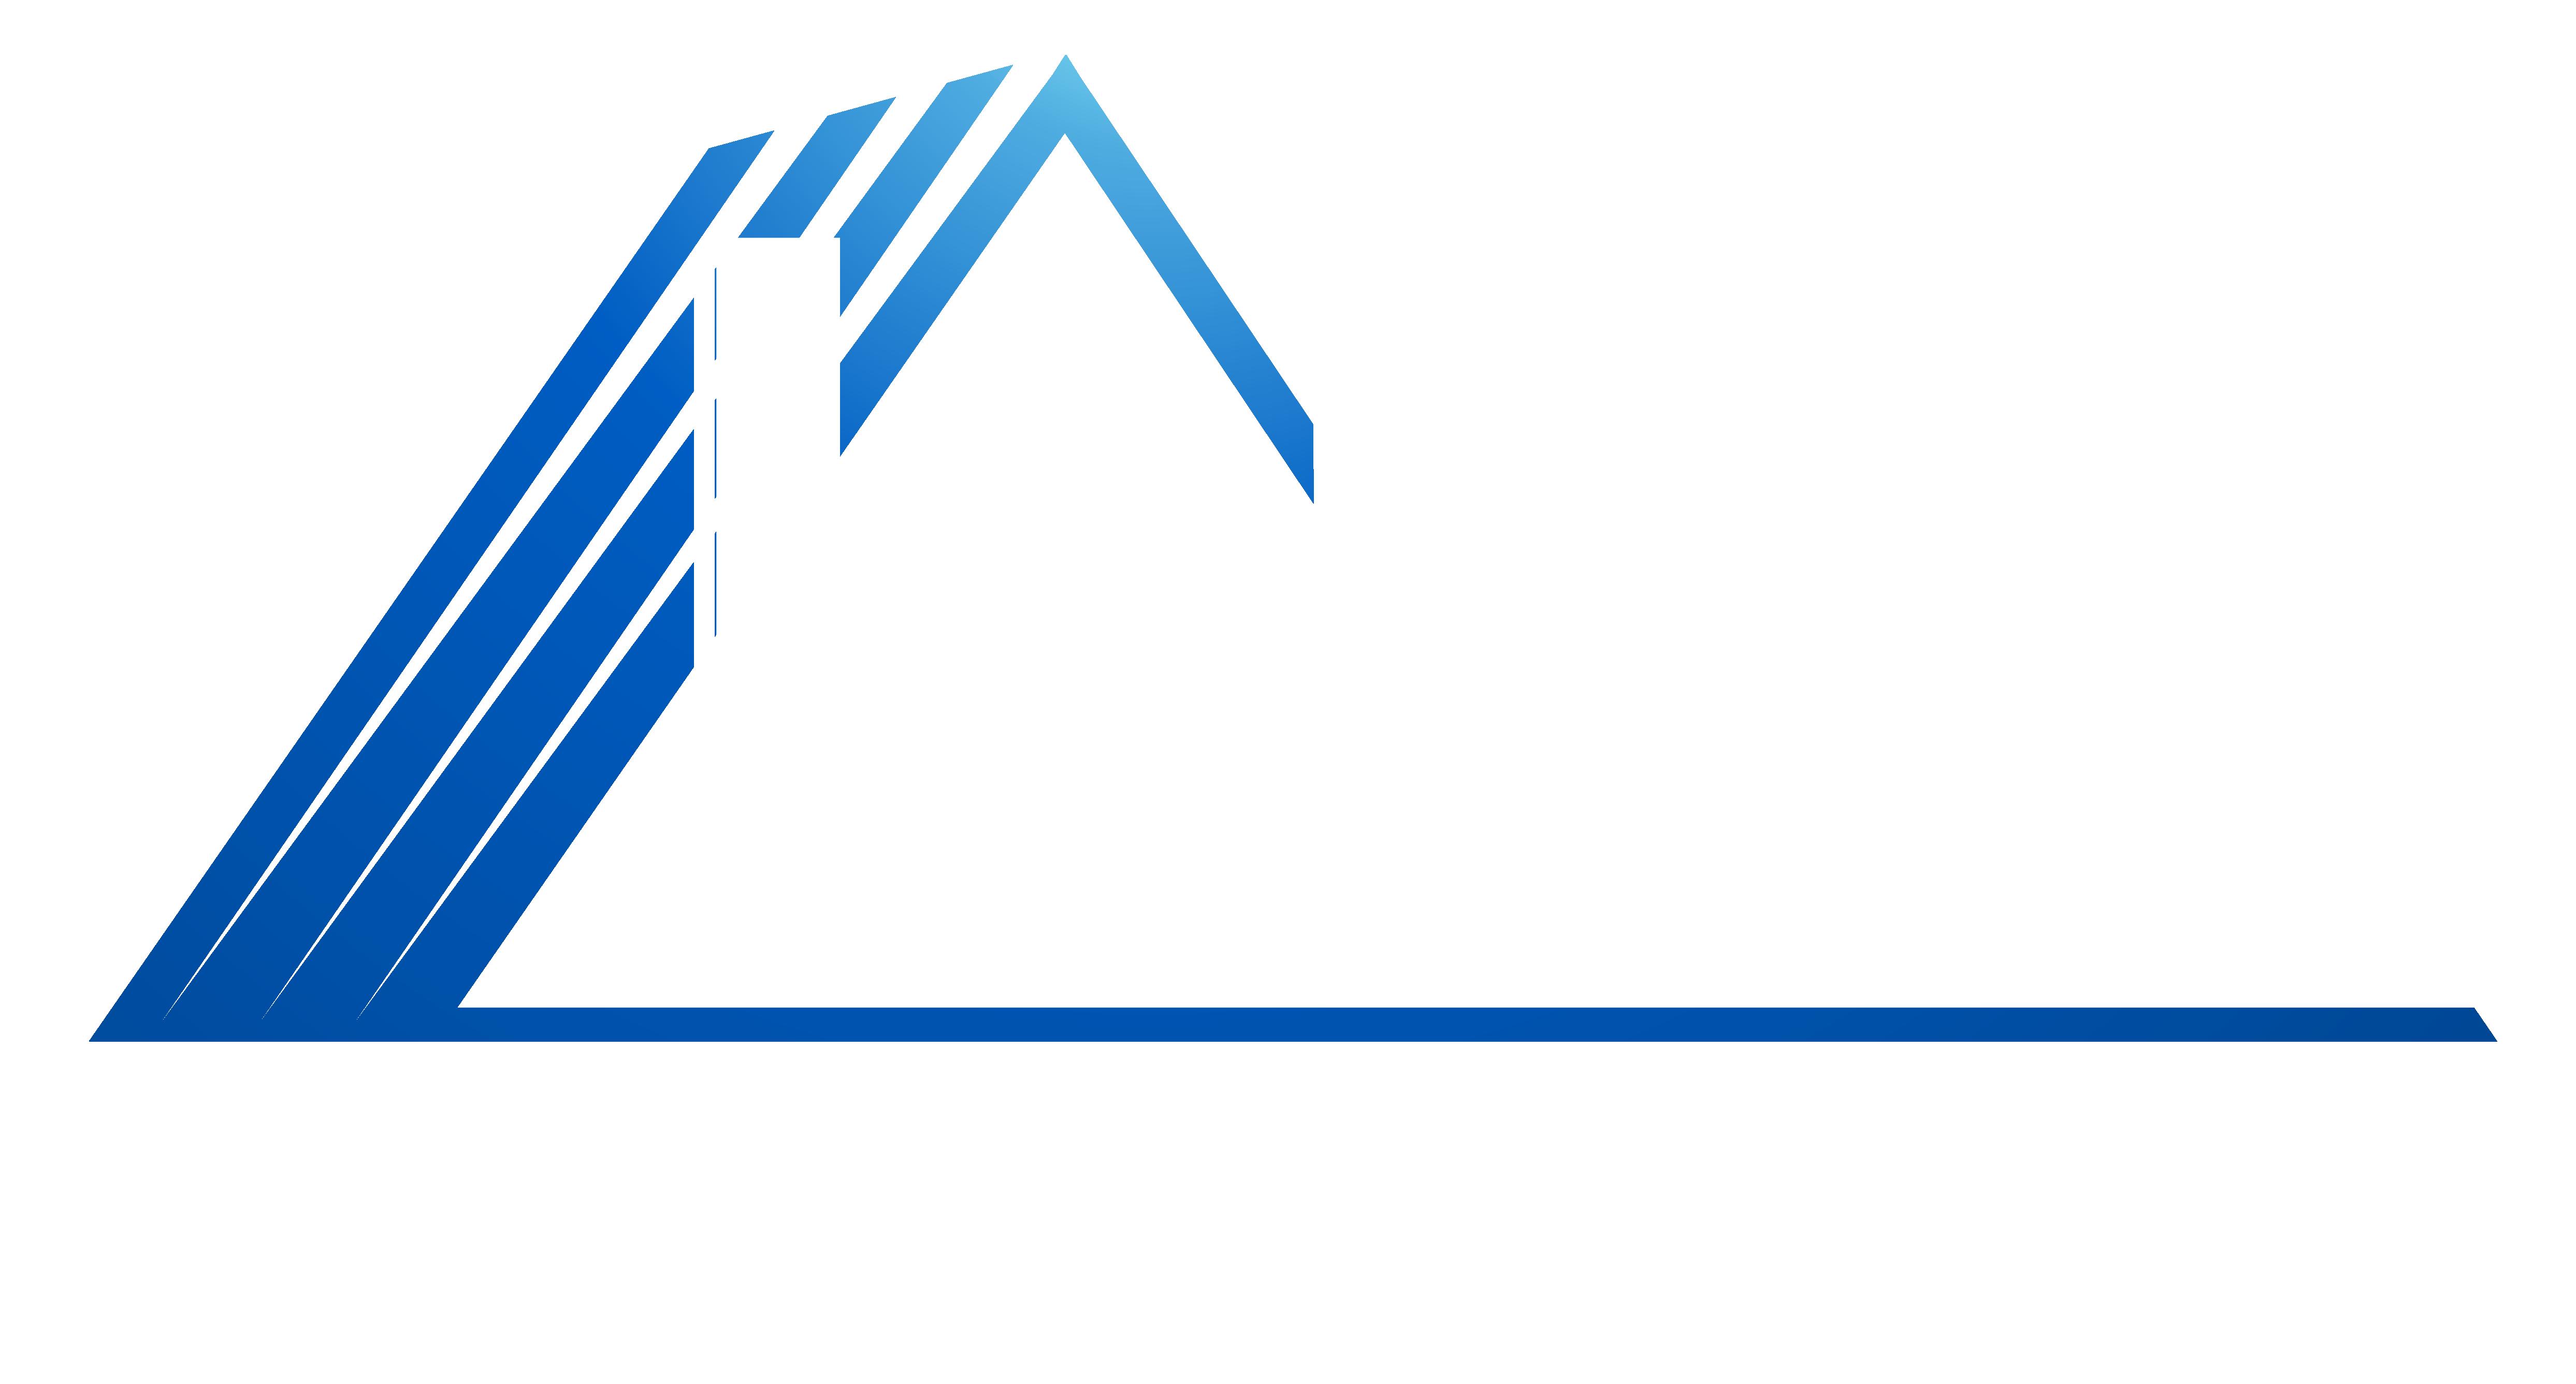 BML Metals Ltd